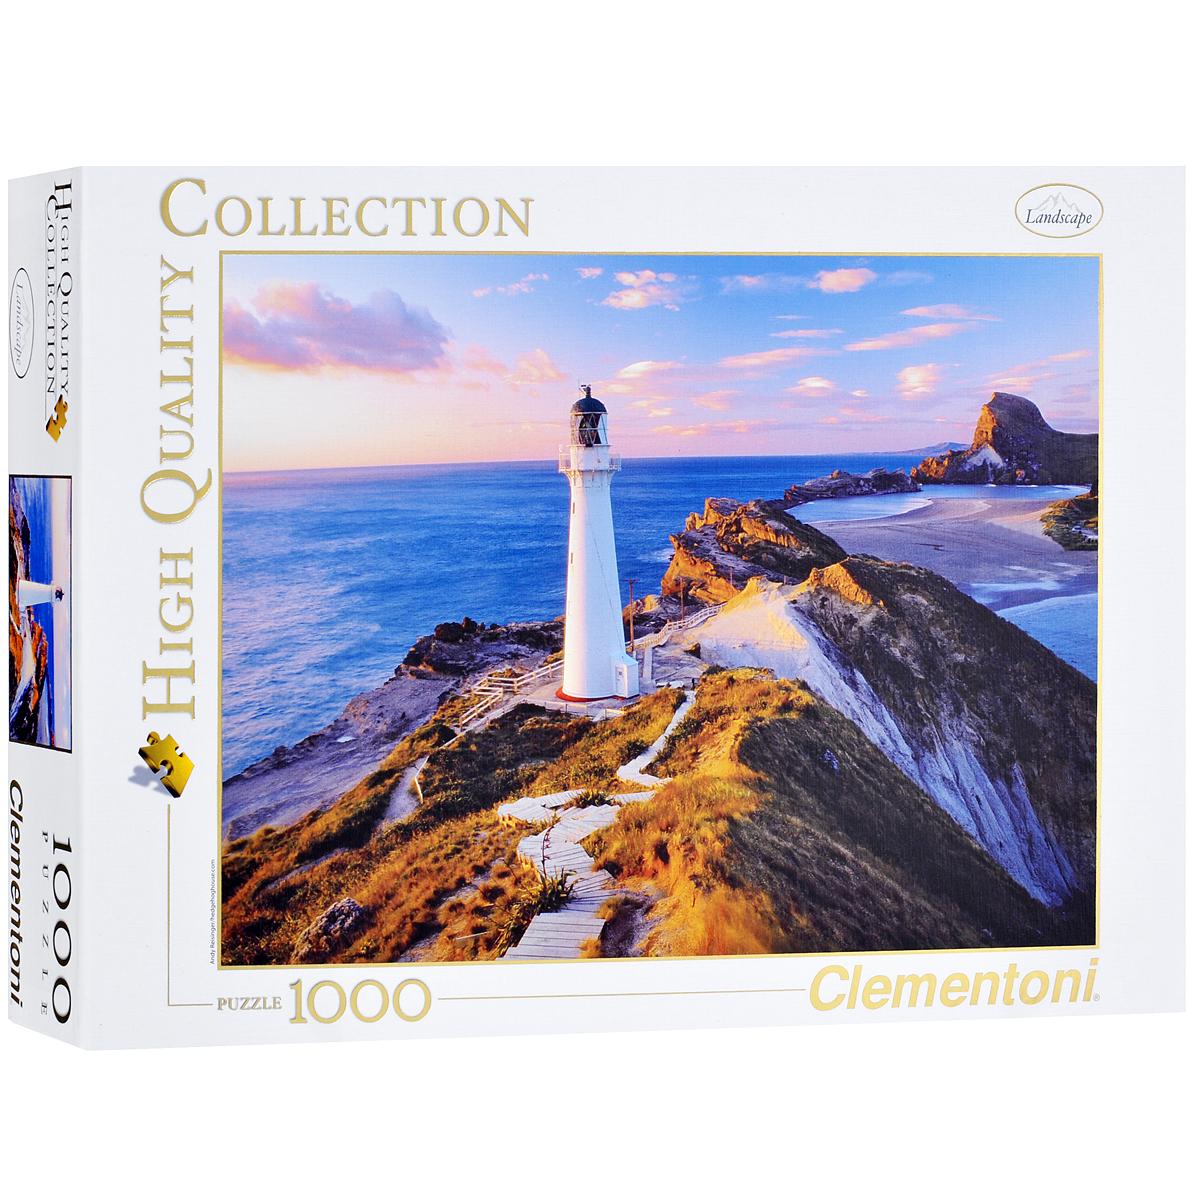 Маяк в Новой Зеландии. Пазл, 1000 элементов39236Пазл Clementoni Маяк в Новой Зеландии, без сомнения, придется по душе вам и вашему ребенку. Собрав этот пазл, включающий в себя 1000 элементов, вы получите цветной оригинальный постер с изображением маяка. Одно из самых интересных, загадочных и притягательных мест является маяк и маленький участок побережья, на котором он находится. Каждый человек, находящийся, по той или иной причине, вблизи маяка, стремится хоть краем глаза поближе взглянуть на него, узнать его историю, узнать чем он живет. Пазлы - прекрасное антистрессовое средство для взрослых и замечательная развивающая игра для детей. Собирание пазла развивает у ребенка мелкую моторику рук, тренирует наблюдательность, логическое мышление, знакомит с окружающим миром, с цветом и разнообразными формами, учит усидчивости и терпению, аккуратности и вниманию. Собирание пазла - прекрасное времяпрепровождение для всей семьи.